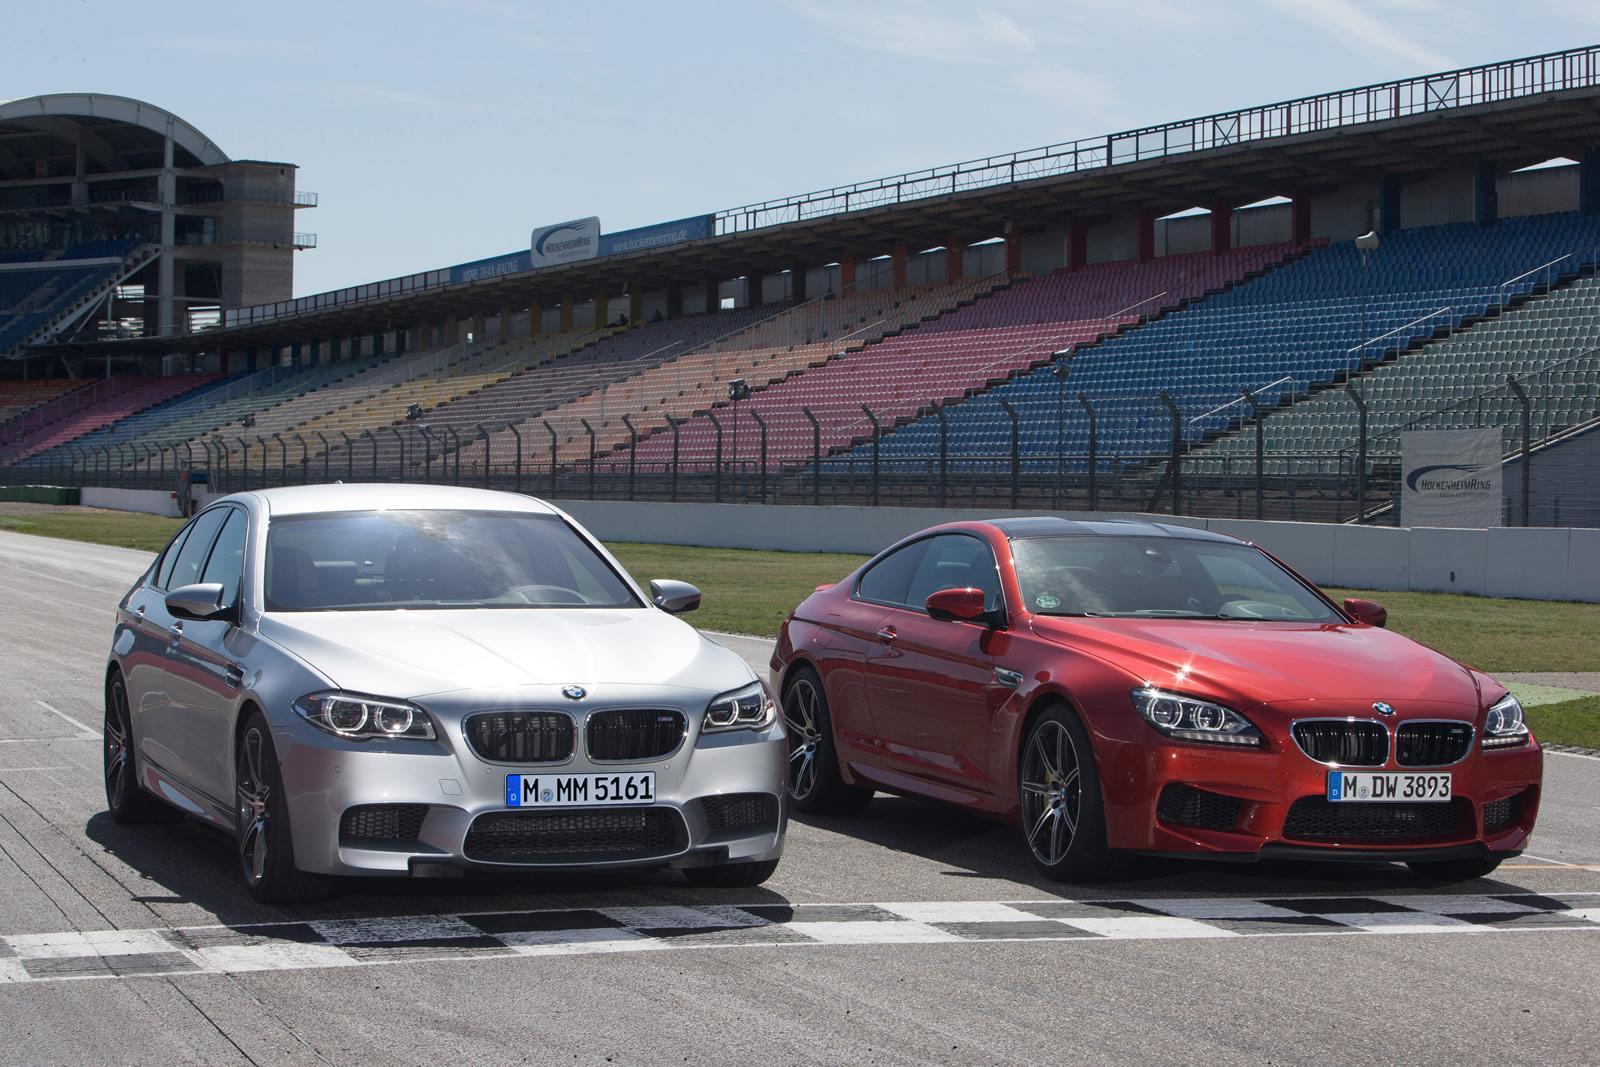 http://images.caradisiac.com/images/6/7/9/3/86793/S0-Nouvelles-BMW-M5-et-M6-Competition-Package-15-ch-293907.jpg